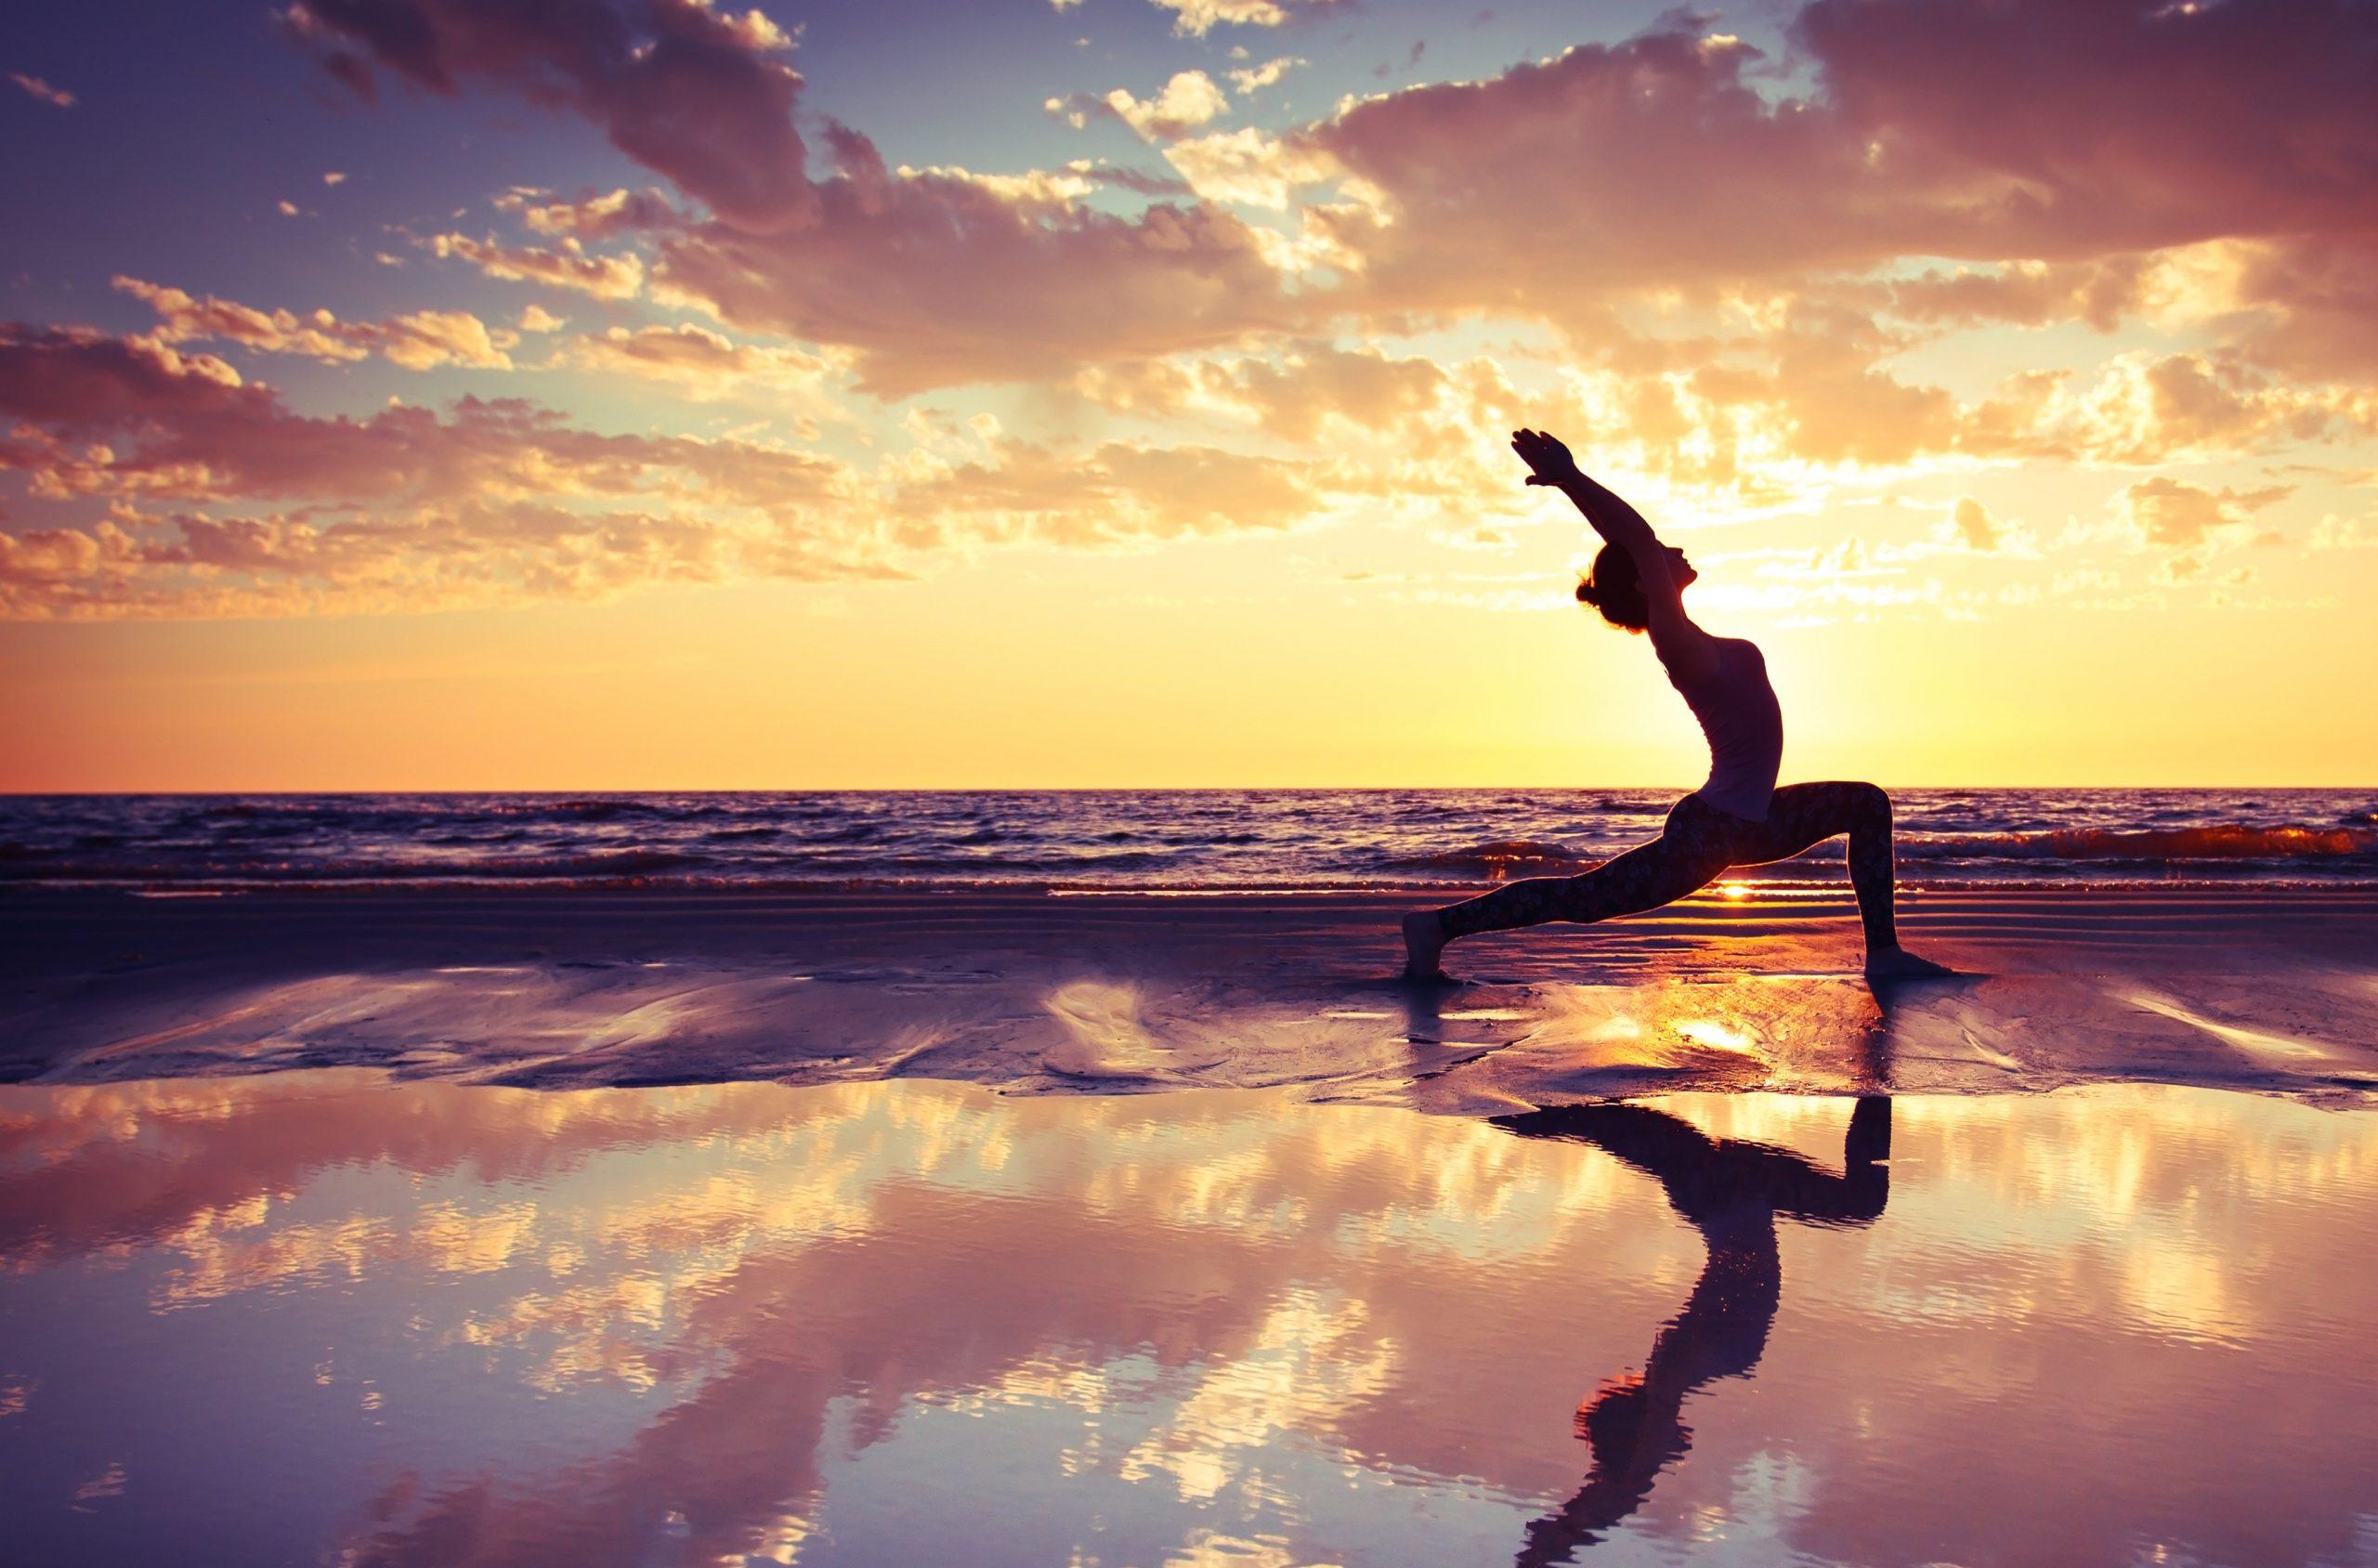 Αθλητισμός Άγχος Αυτοφροντίδα: Η γιόγκα ως γραμμή διαφυγής από το άγχος που σχετίζεται με καρδιαγγειακές παθήσεις [vid]